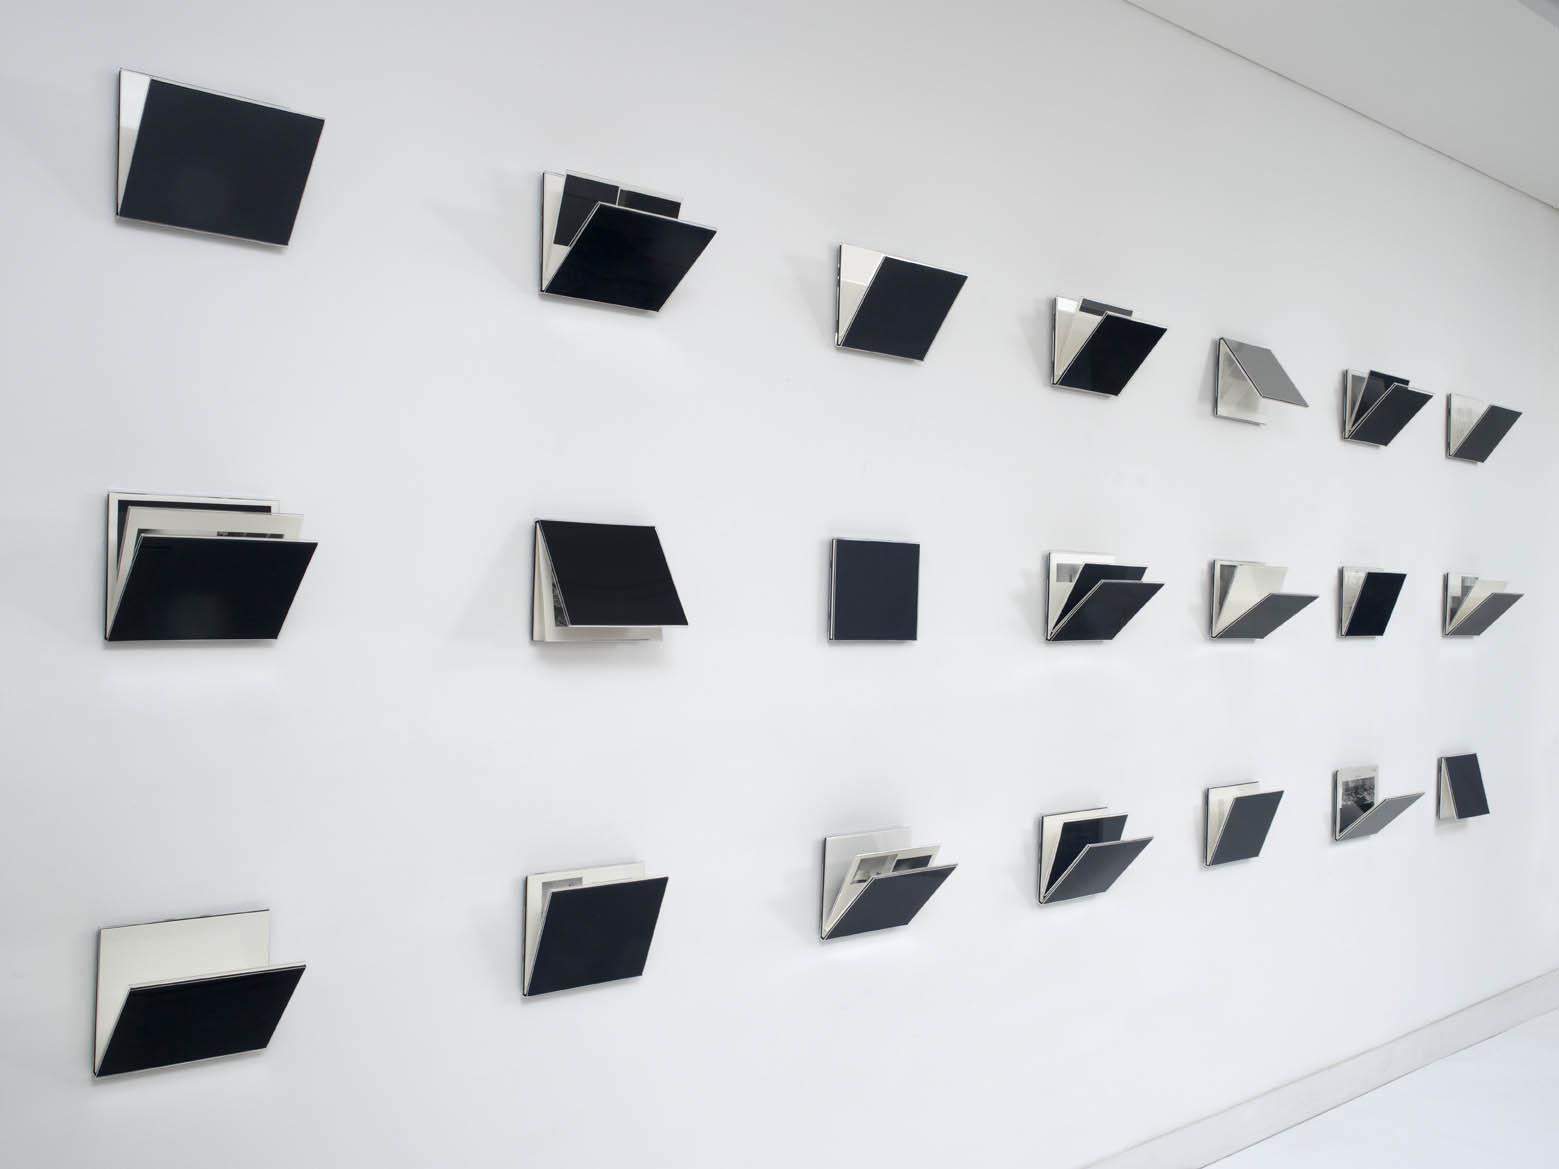 Fernanda Fragateiro  Measuring E1027 , 2011 21 handmade books, silk cover and acrylic, 150 x 25 x 550 cm